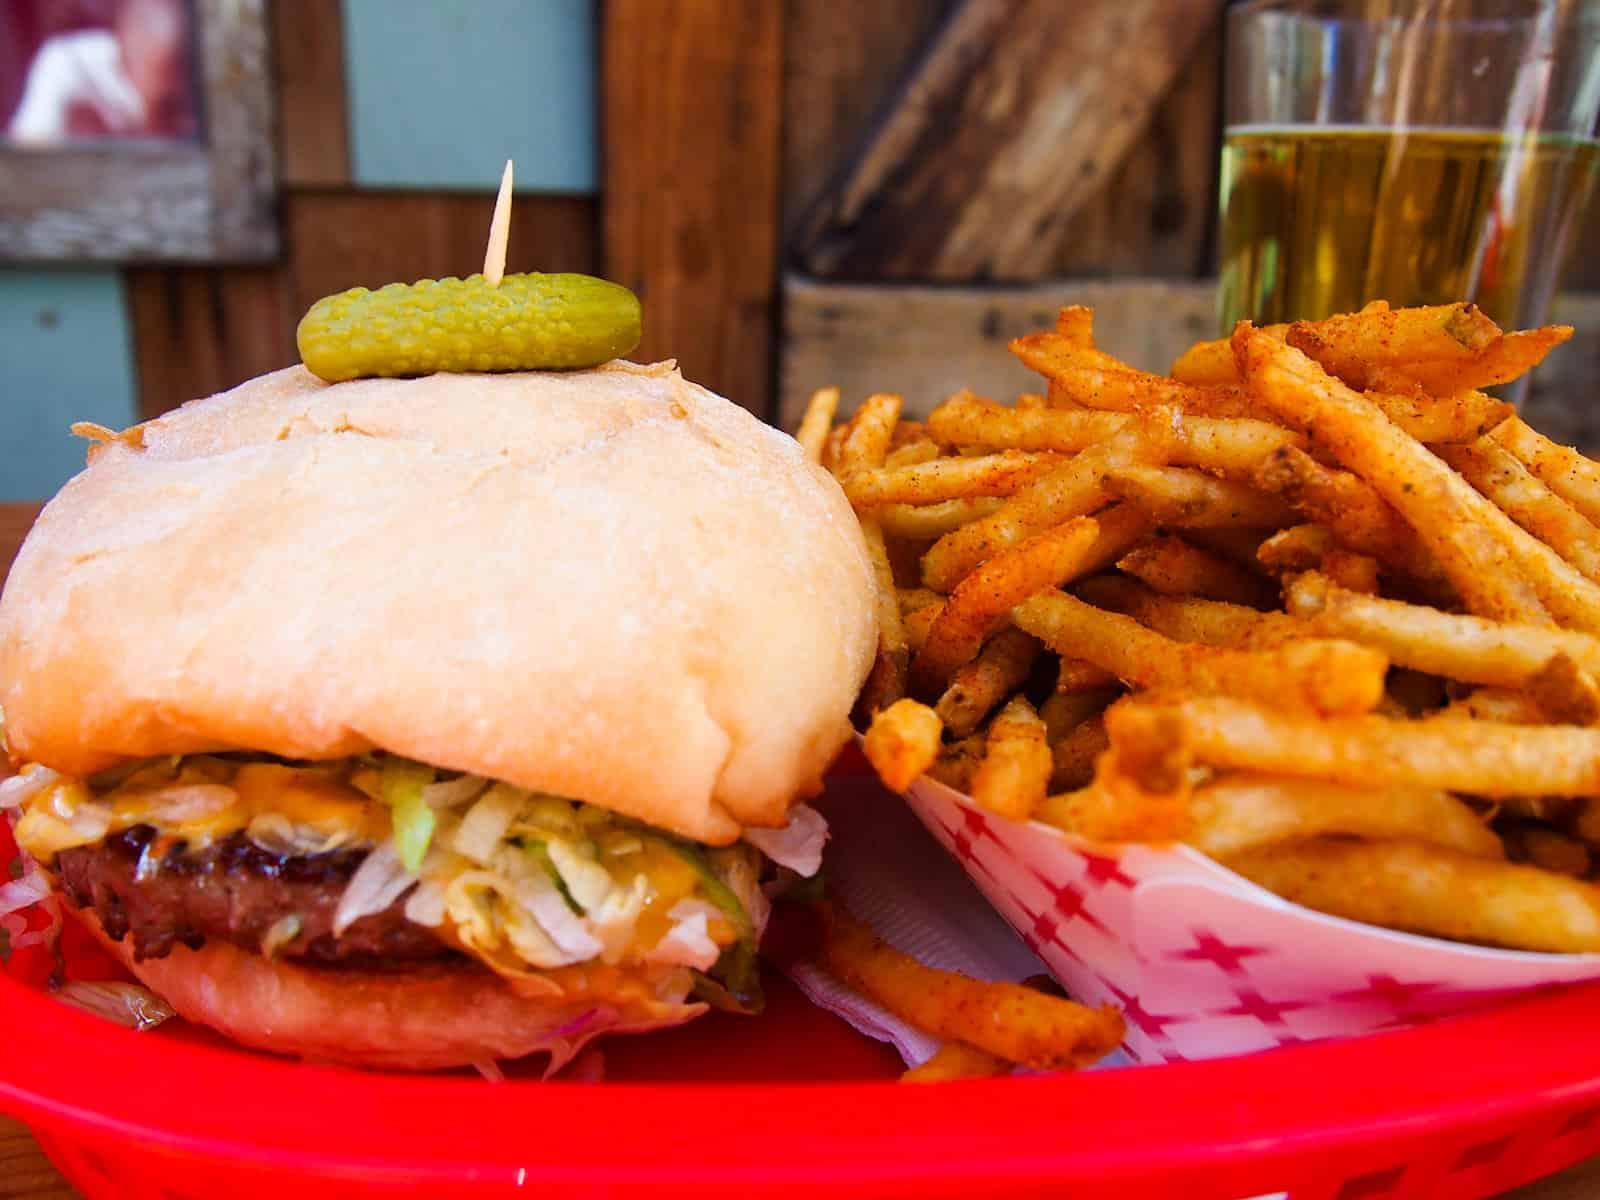 Cheeseburger, fries and cider at Bar Bar